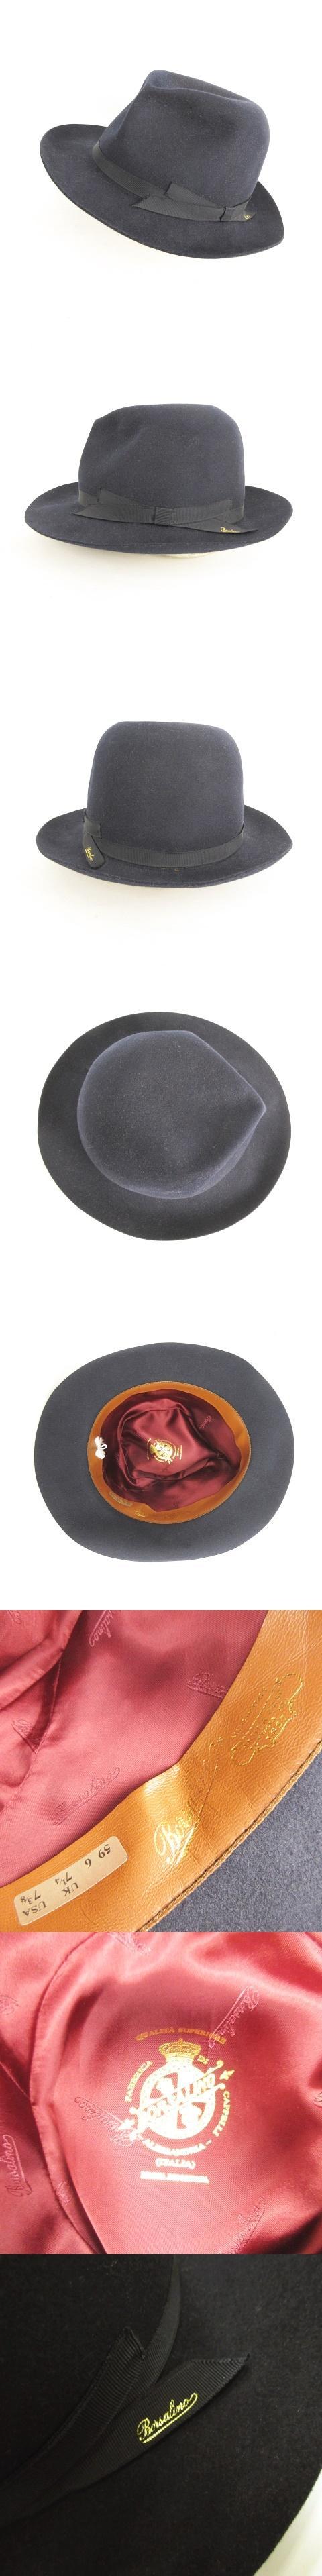 中折れハット 帽子 ソフトブリム ロゴ入りリボン フエルト 59 ネイビー 紺 ITALY製